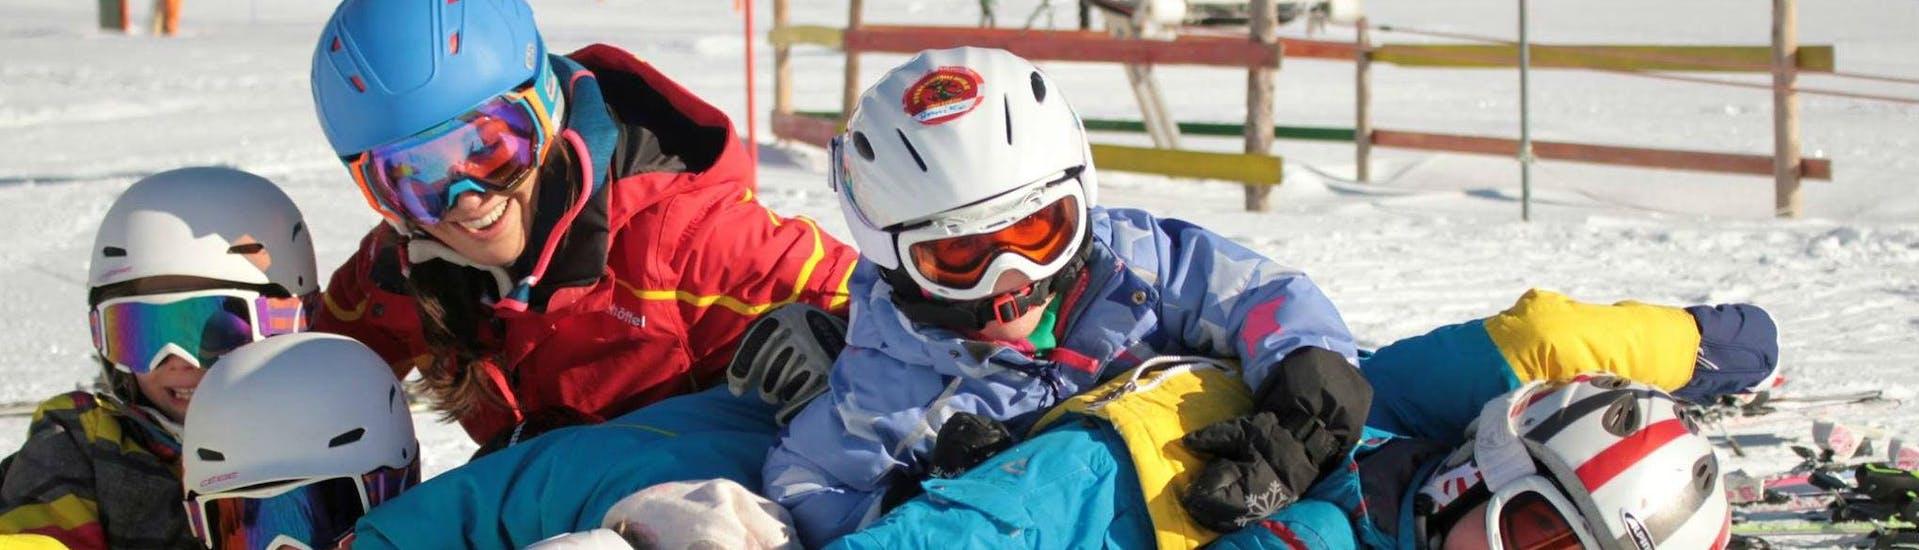 Cours particulier de ski Enfants - Avancé avec WM Schischule Royer Ramsau - Hero image